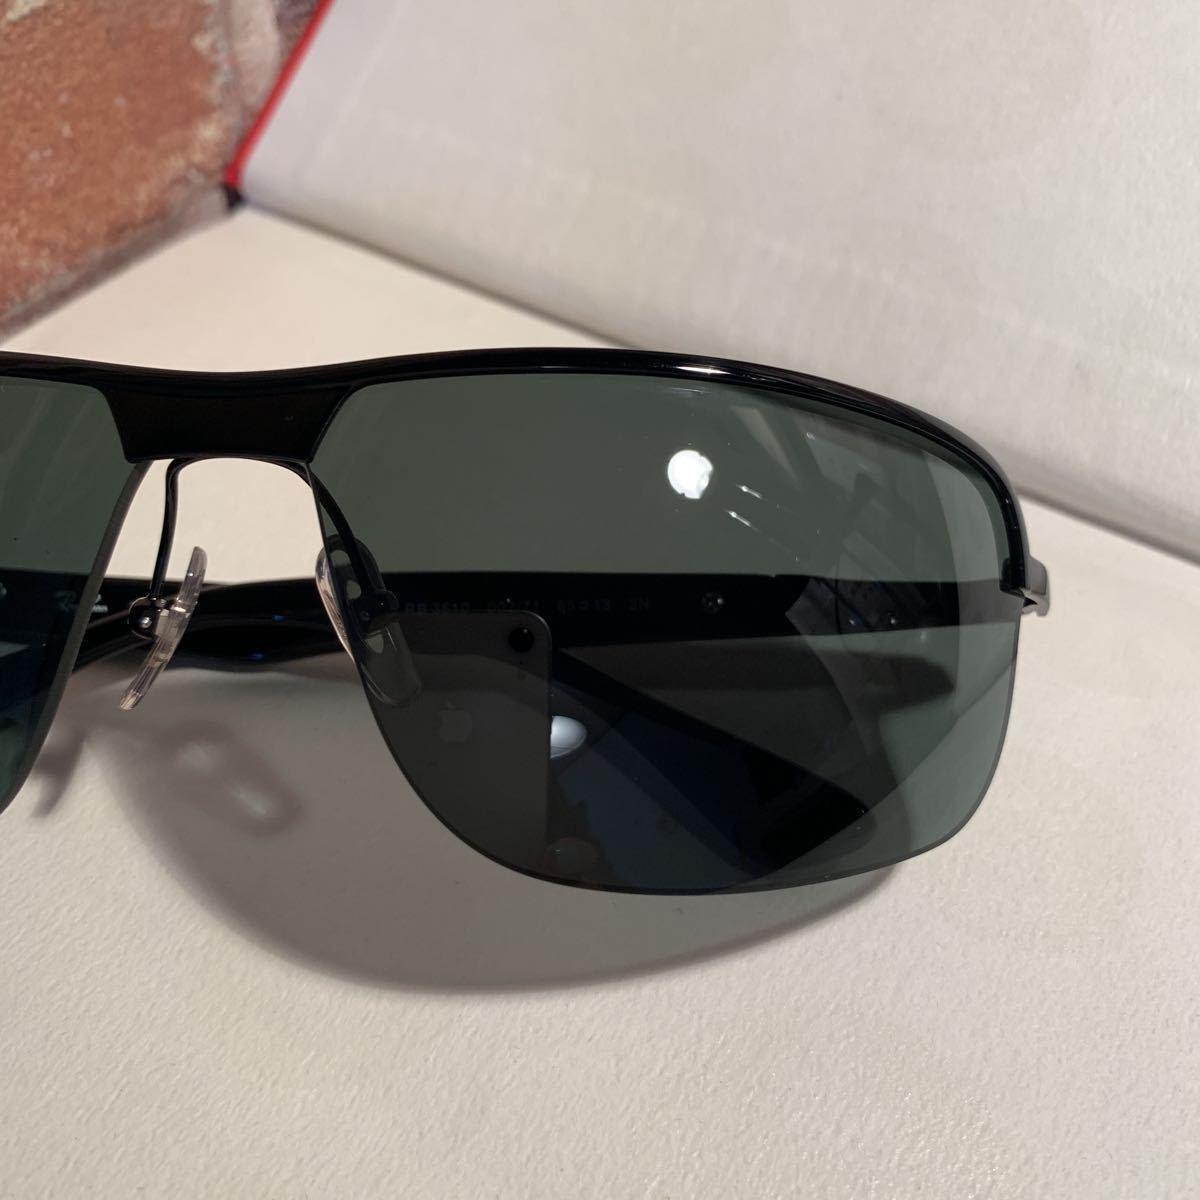 RayBanレイバン RB3510 002/71 65サイズ メンズ サングラス 眼鏡_画像4